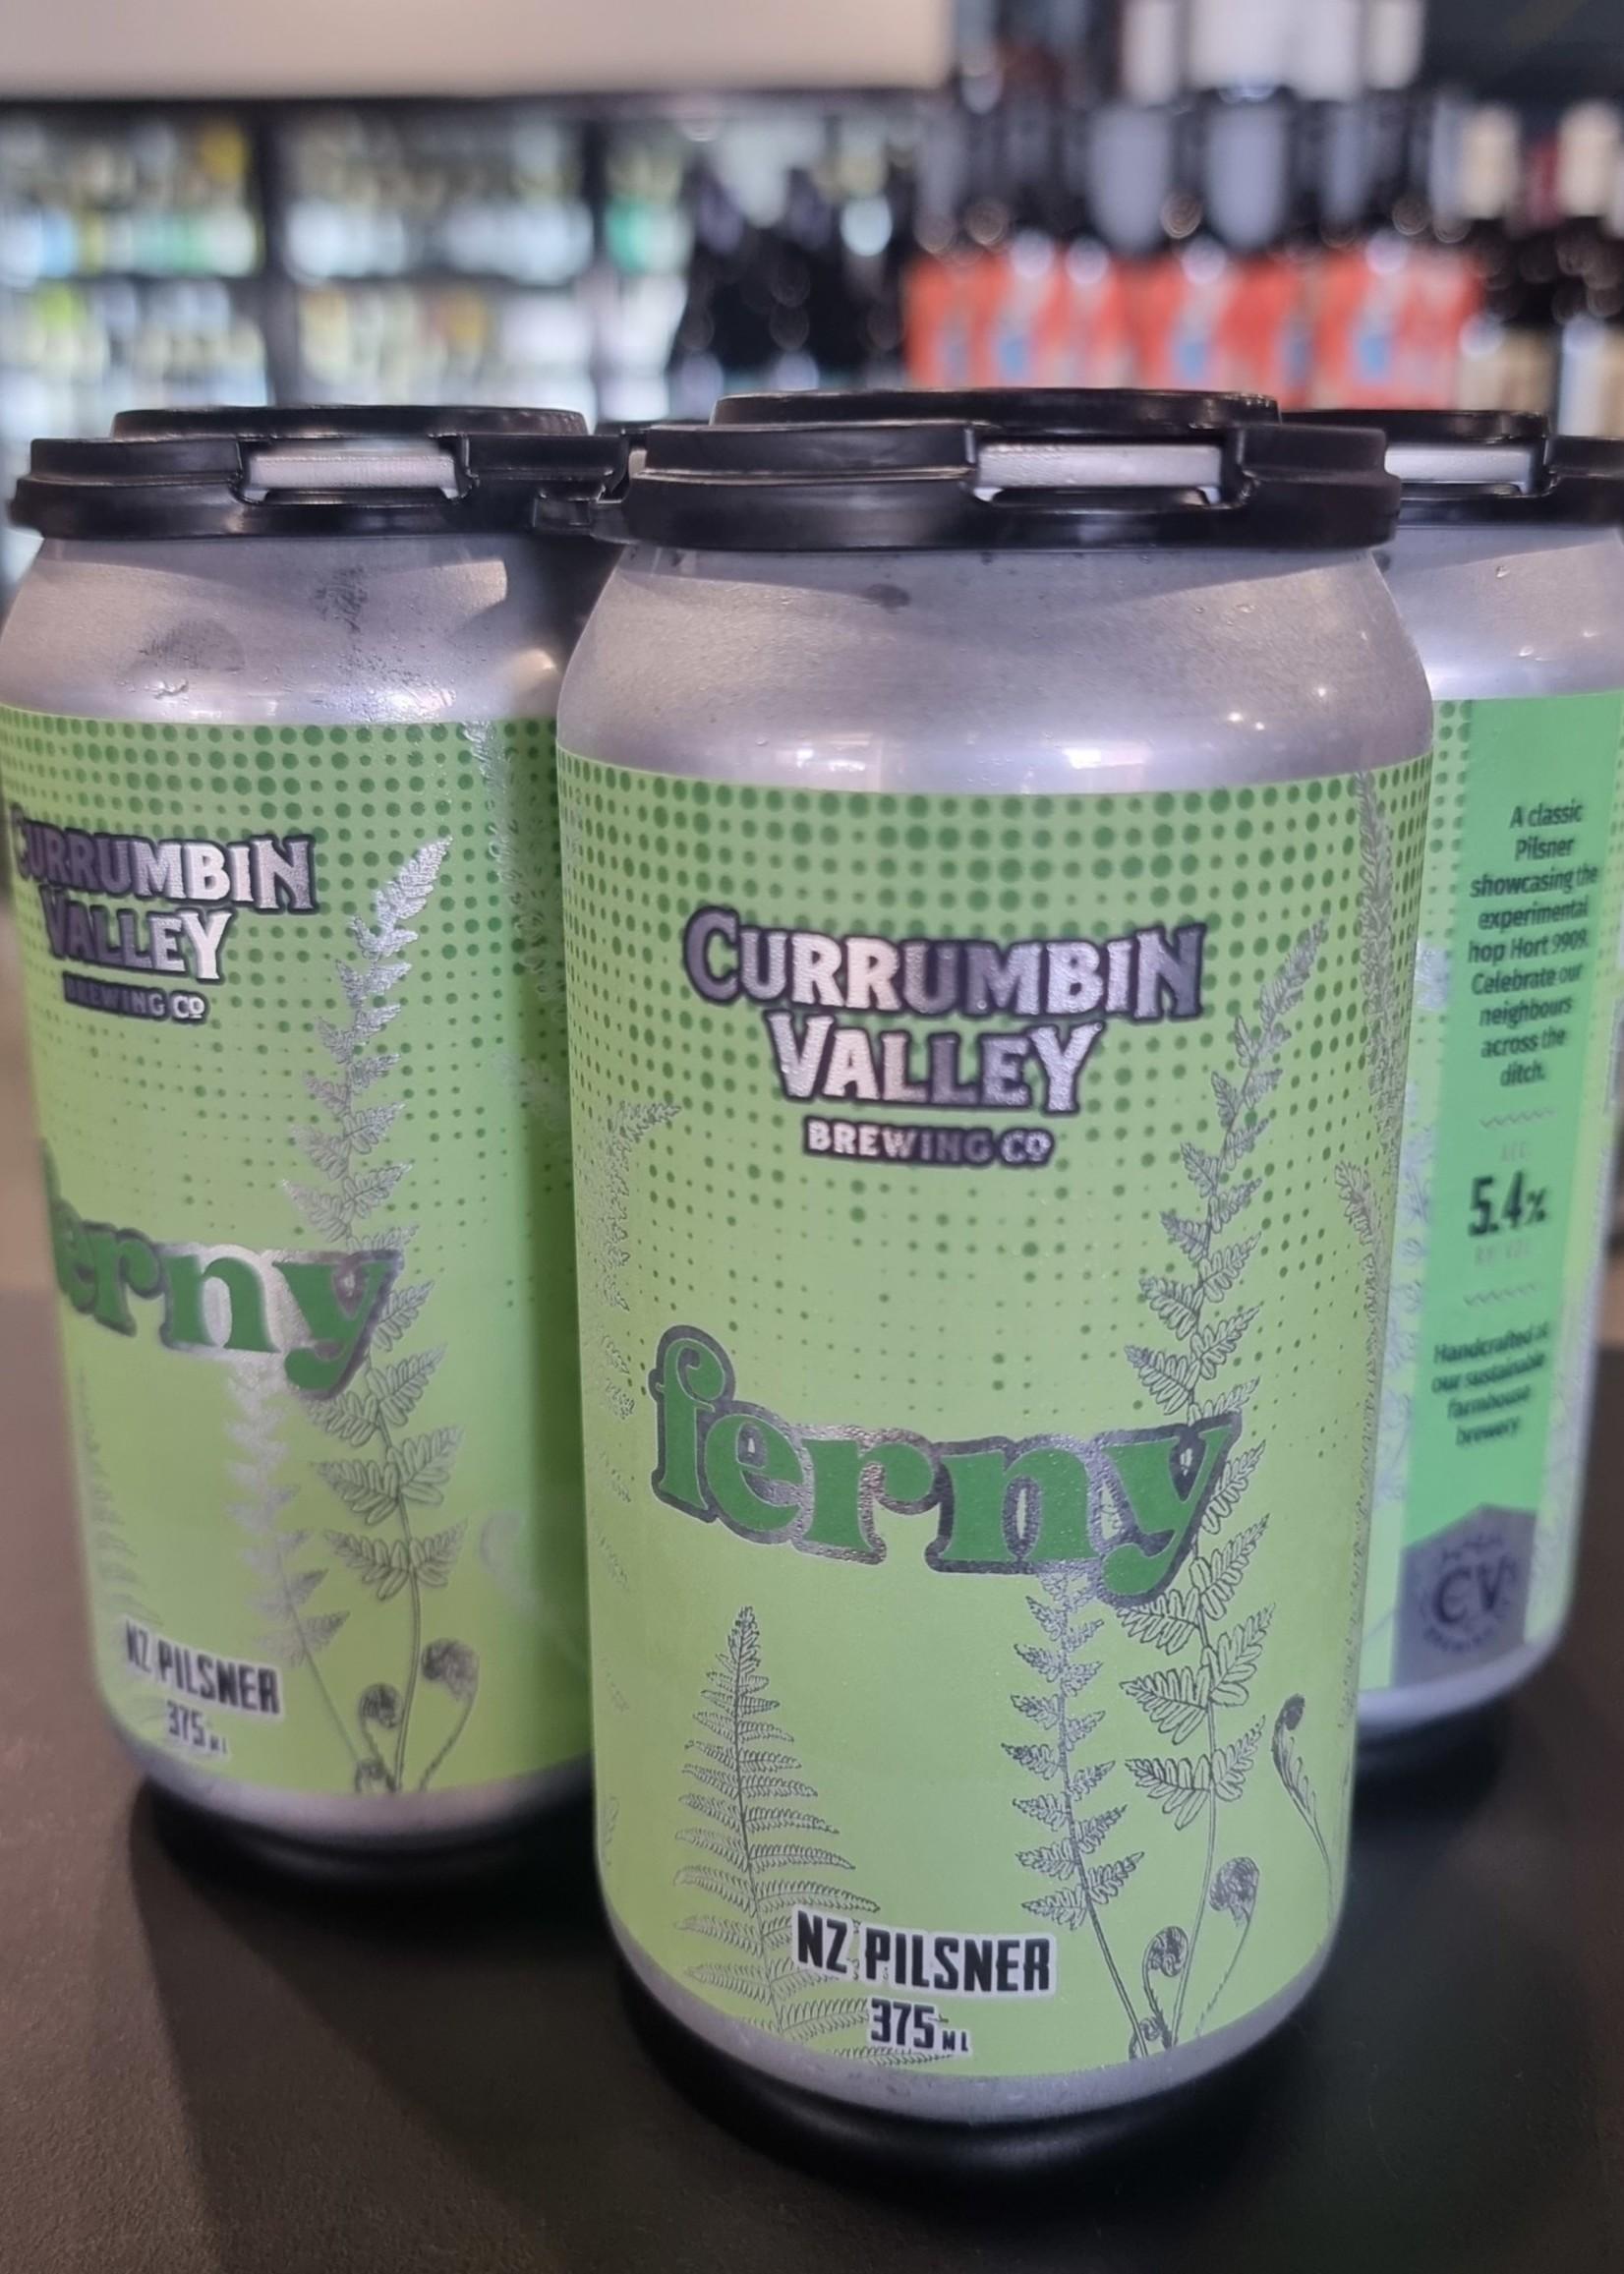 Currumbin Valley Currumbin Valley 'Ferny' 5.4% 4 Pack